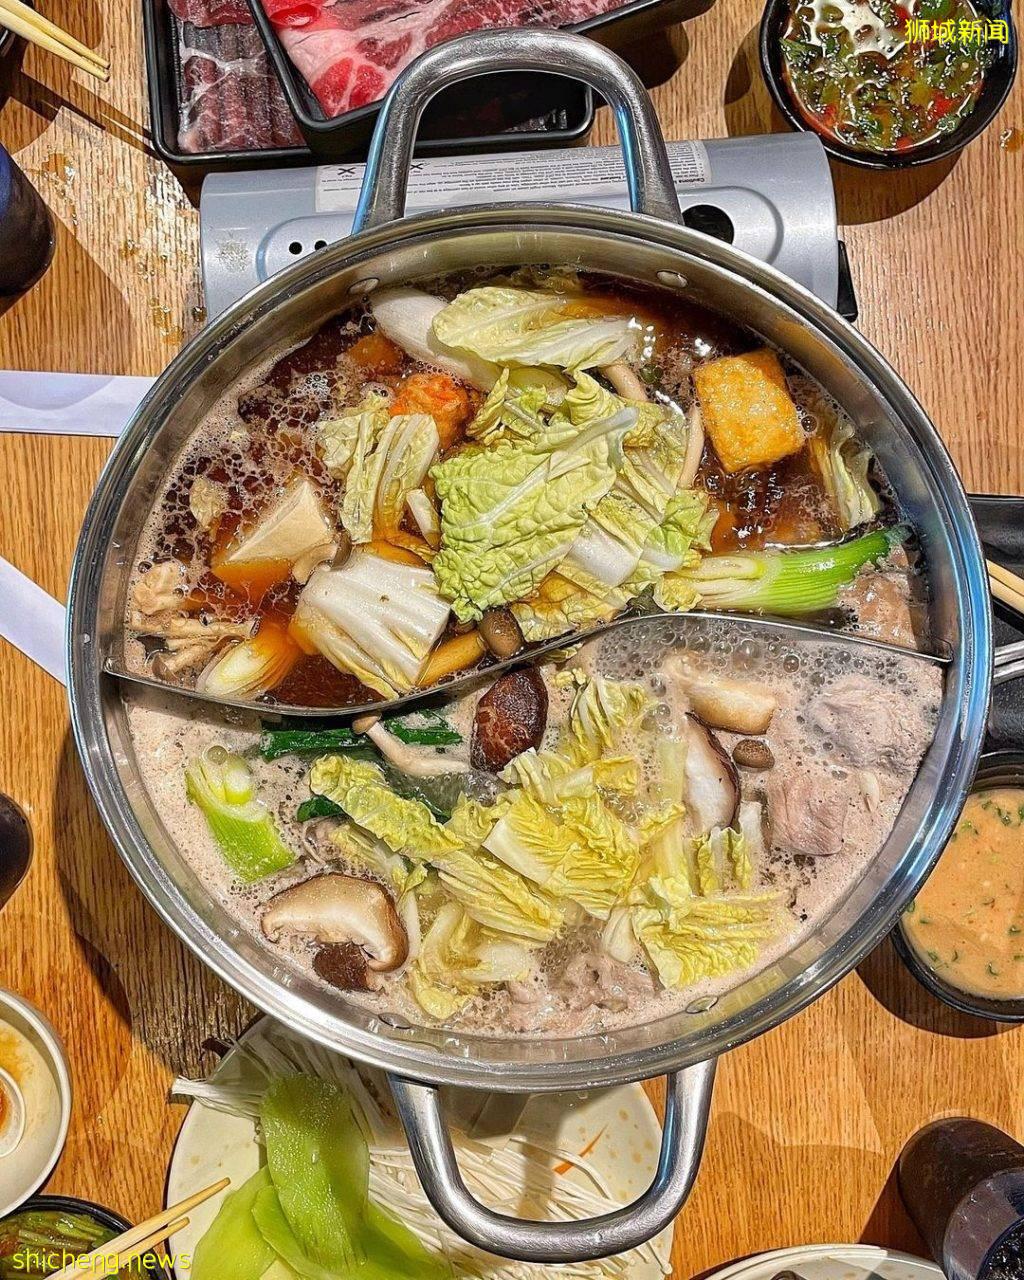 火锅自助餐合集!最低一人S$12就能吃到饱🤩 边涮肉、边喝汤、一个价钱吃到饱